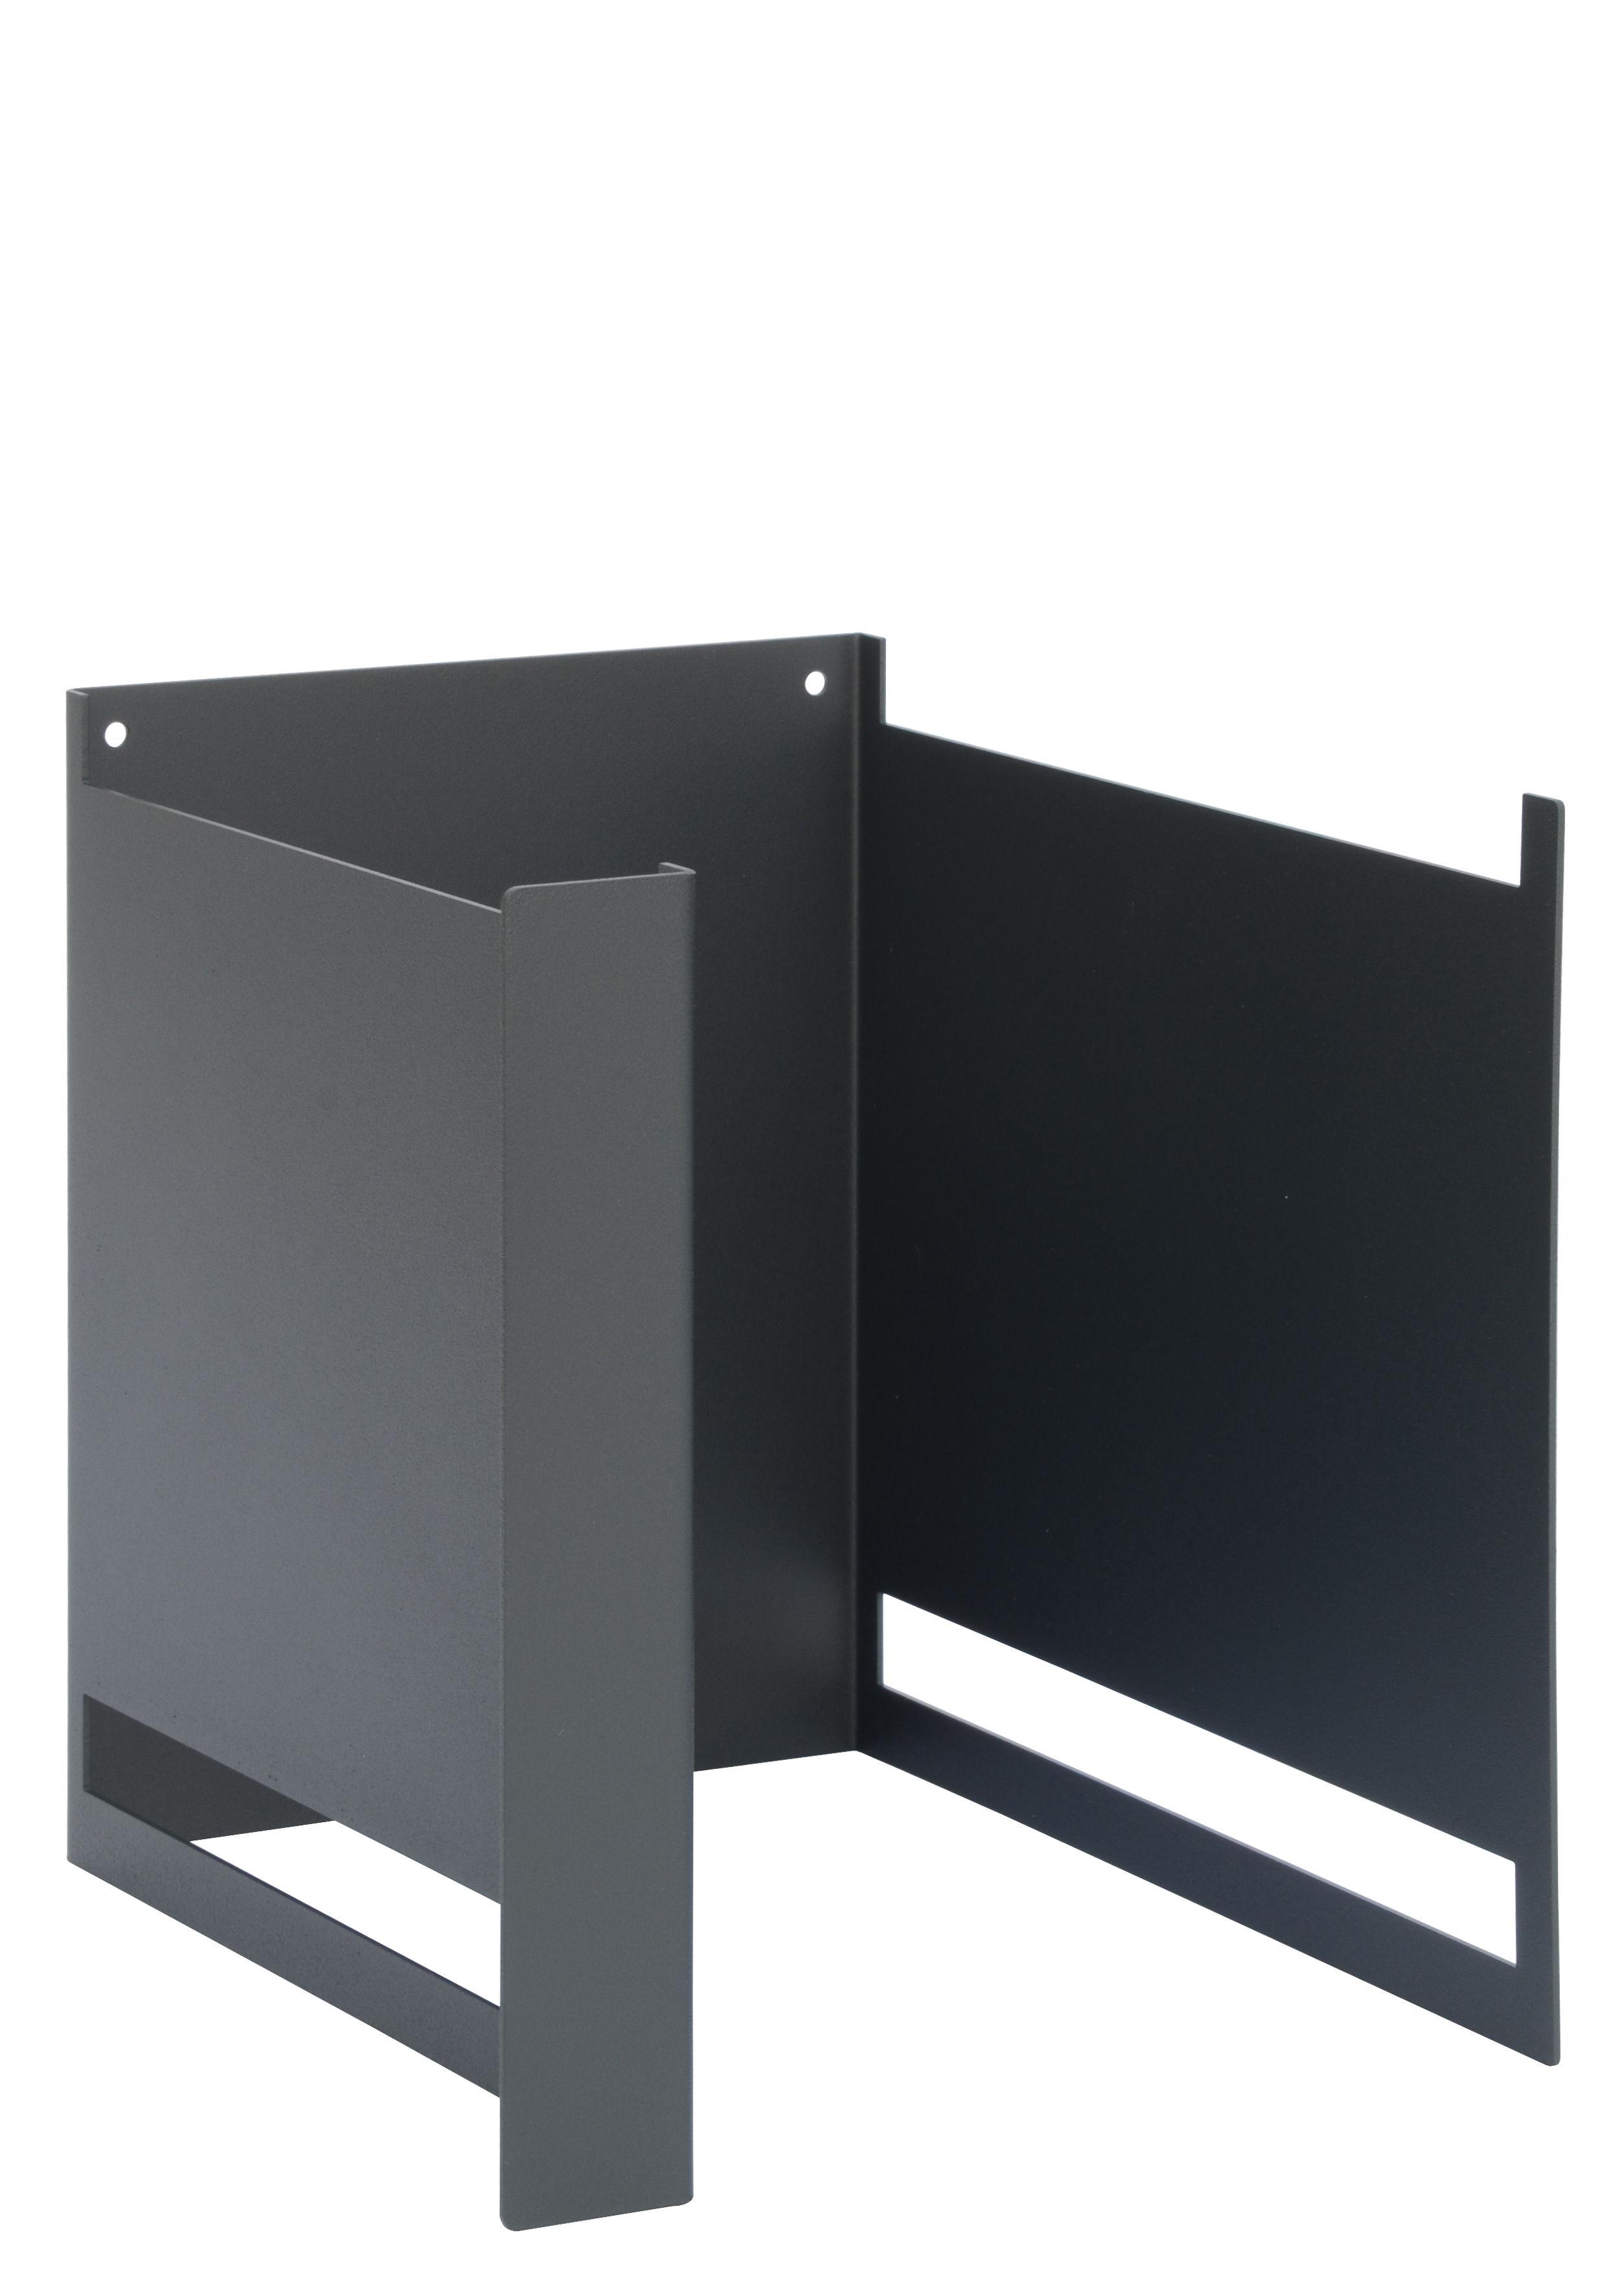 Mobilier - Etagères & bibliothèques - Montant Plio Ba / H 24 cm - Pour fabriquer une étagère - Presse citron - Gris ardoise - Acier laqué